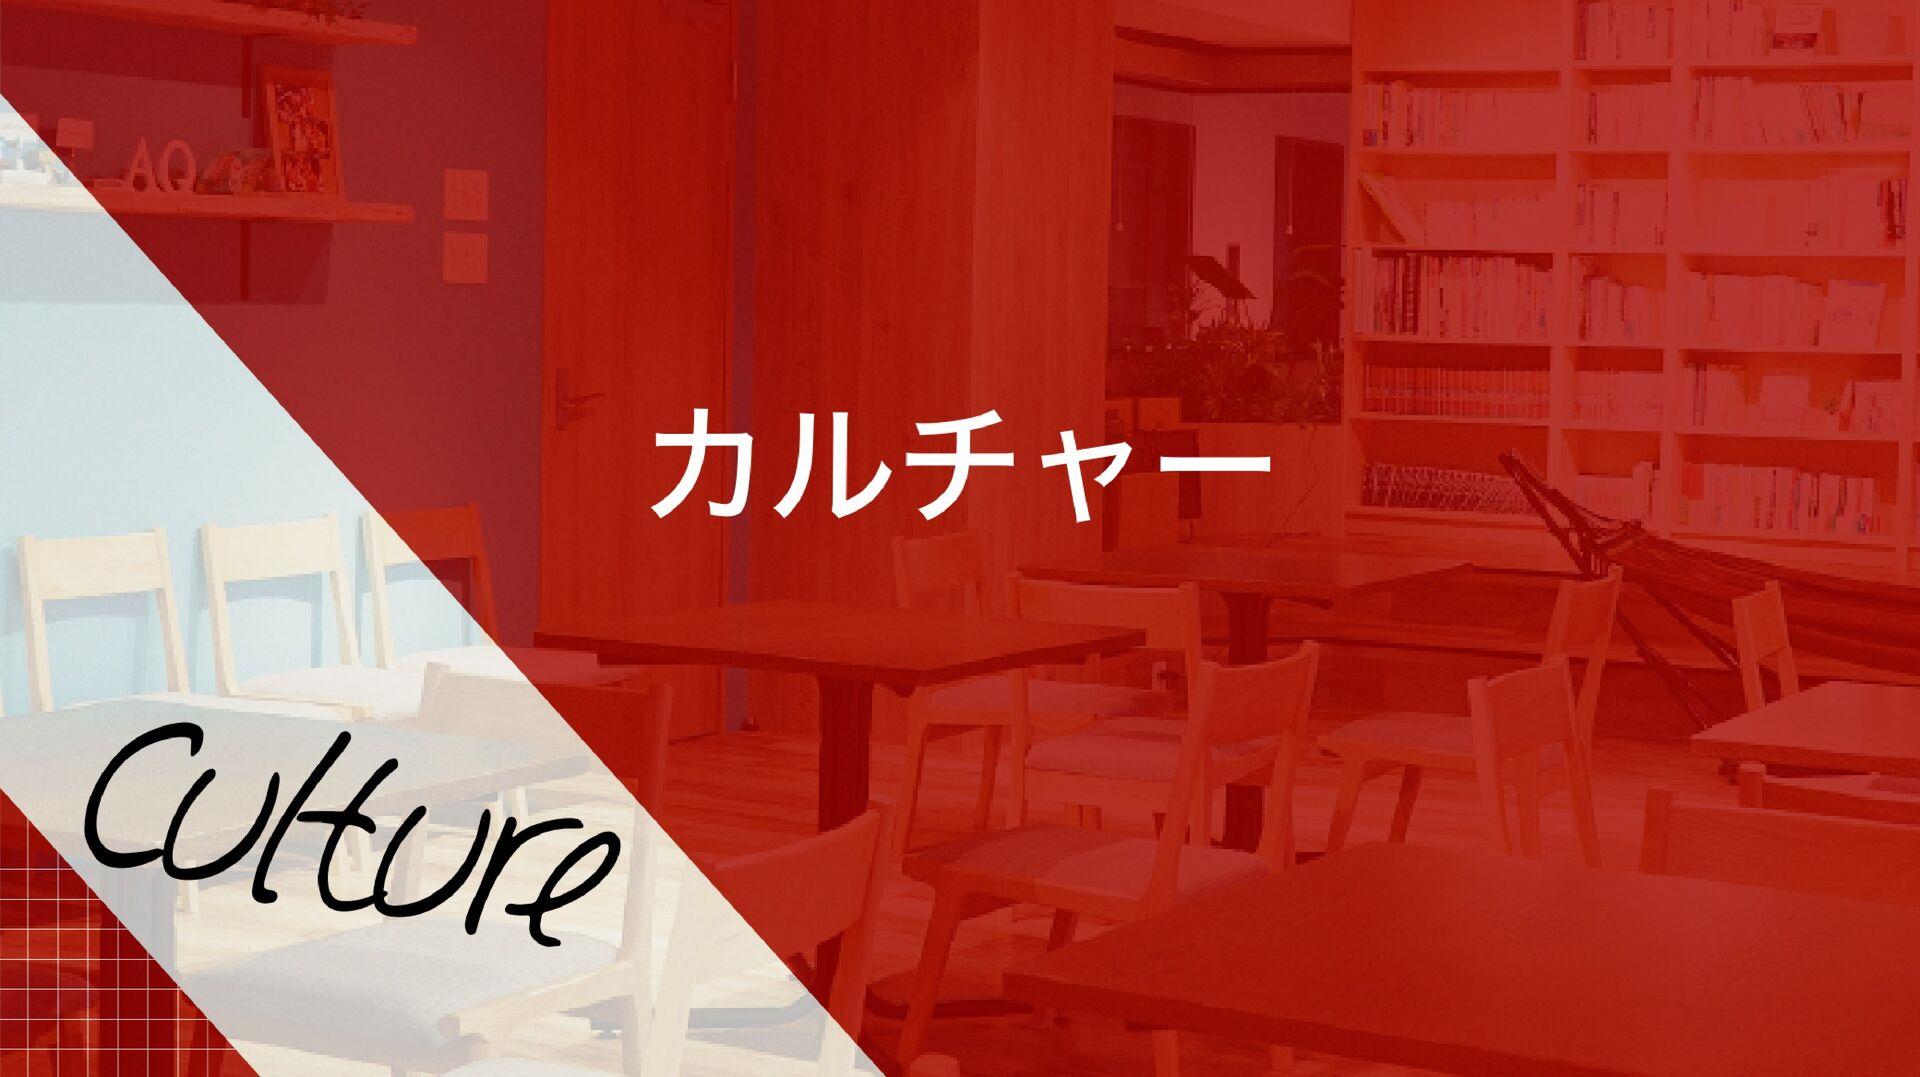 コアバリュー AQ Core Value Venture spirit Engagement ...